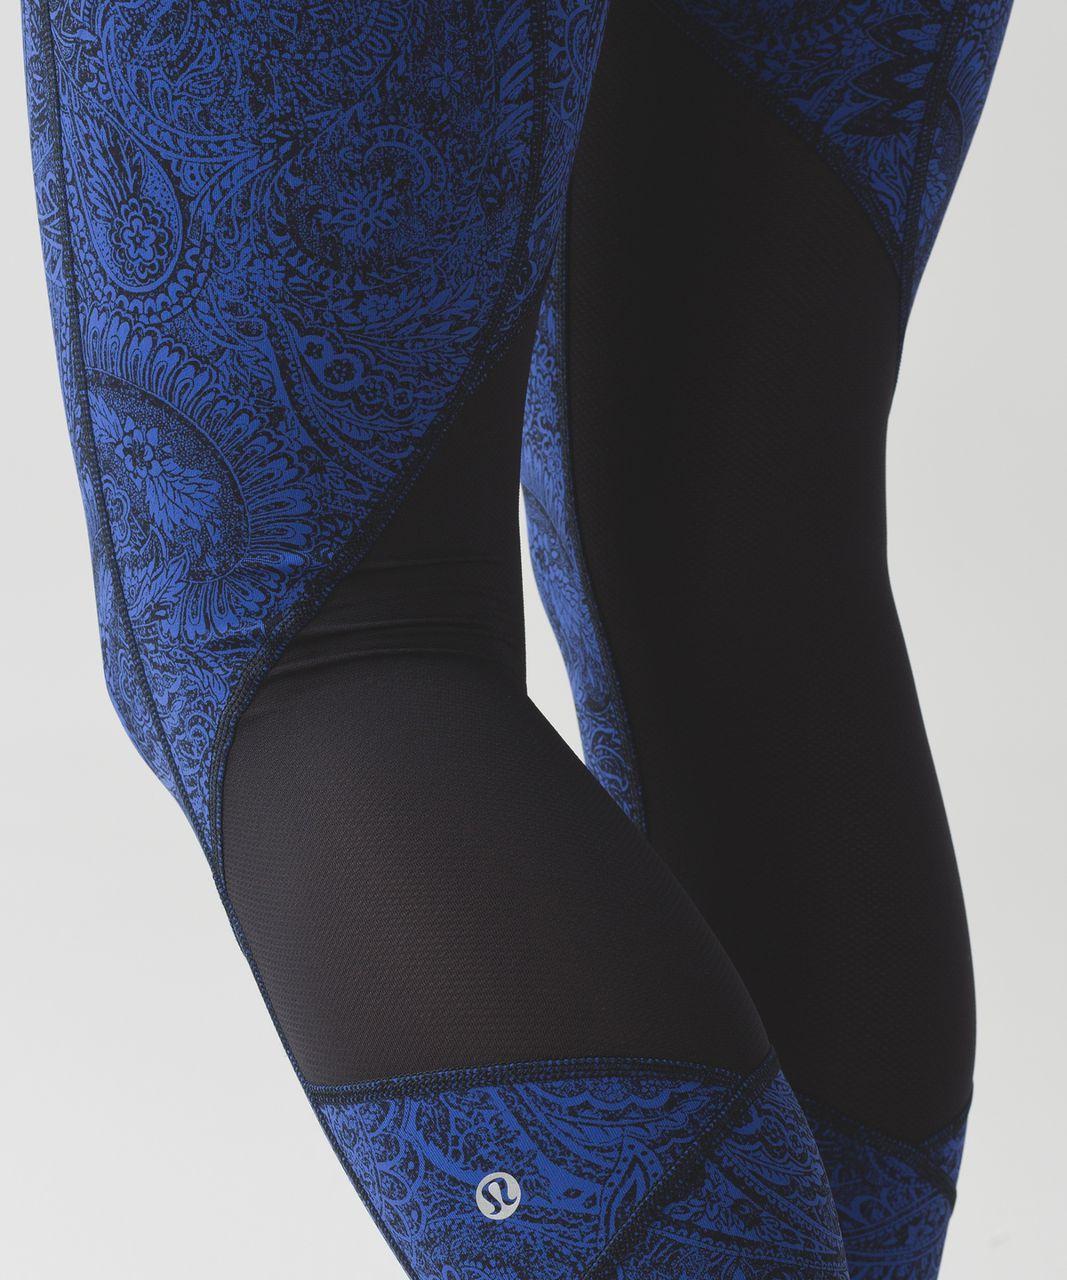 Lululemon Pace Rival Crop - Antique Paisley Sapphire Blue Black / Black